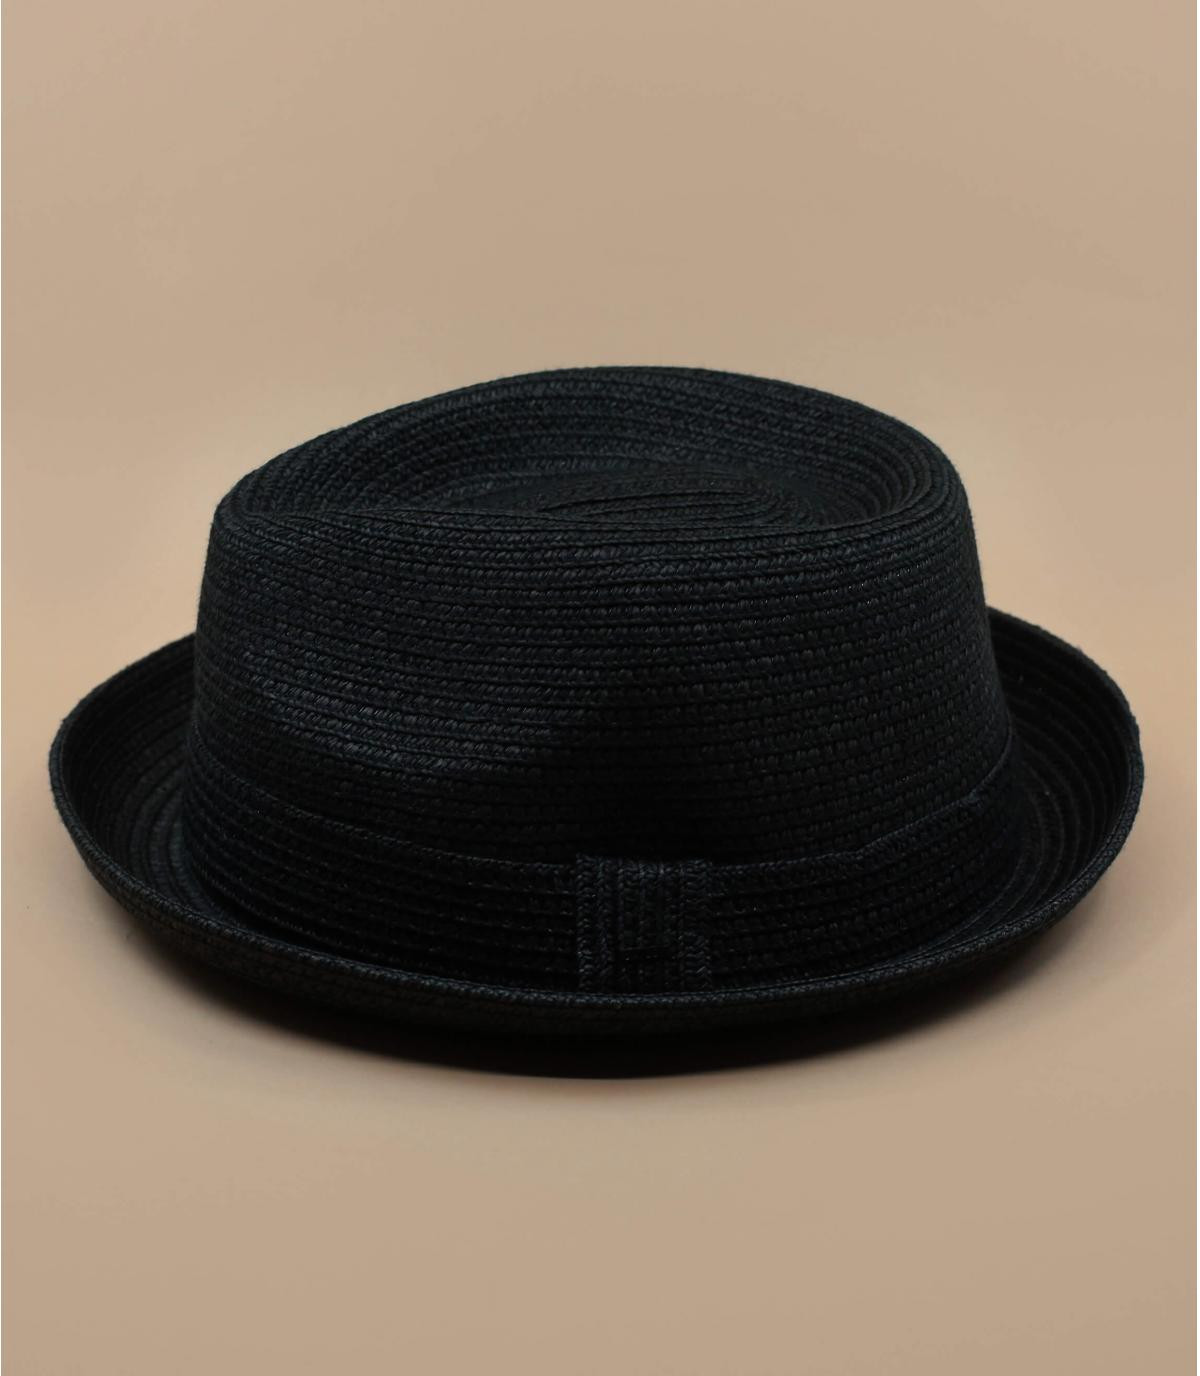 Details Billy zwarte hoed - afbeeling 2